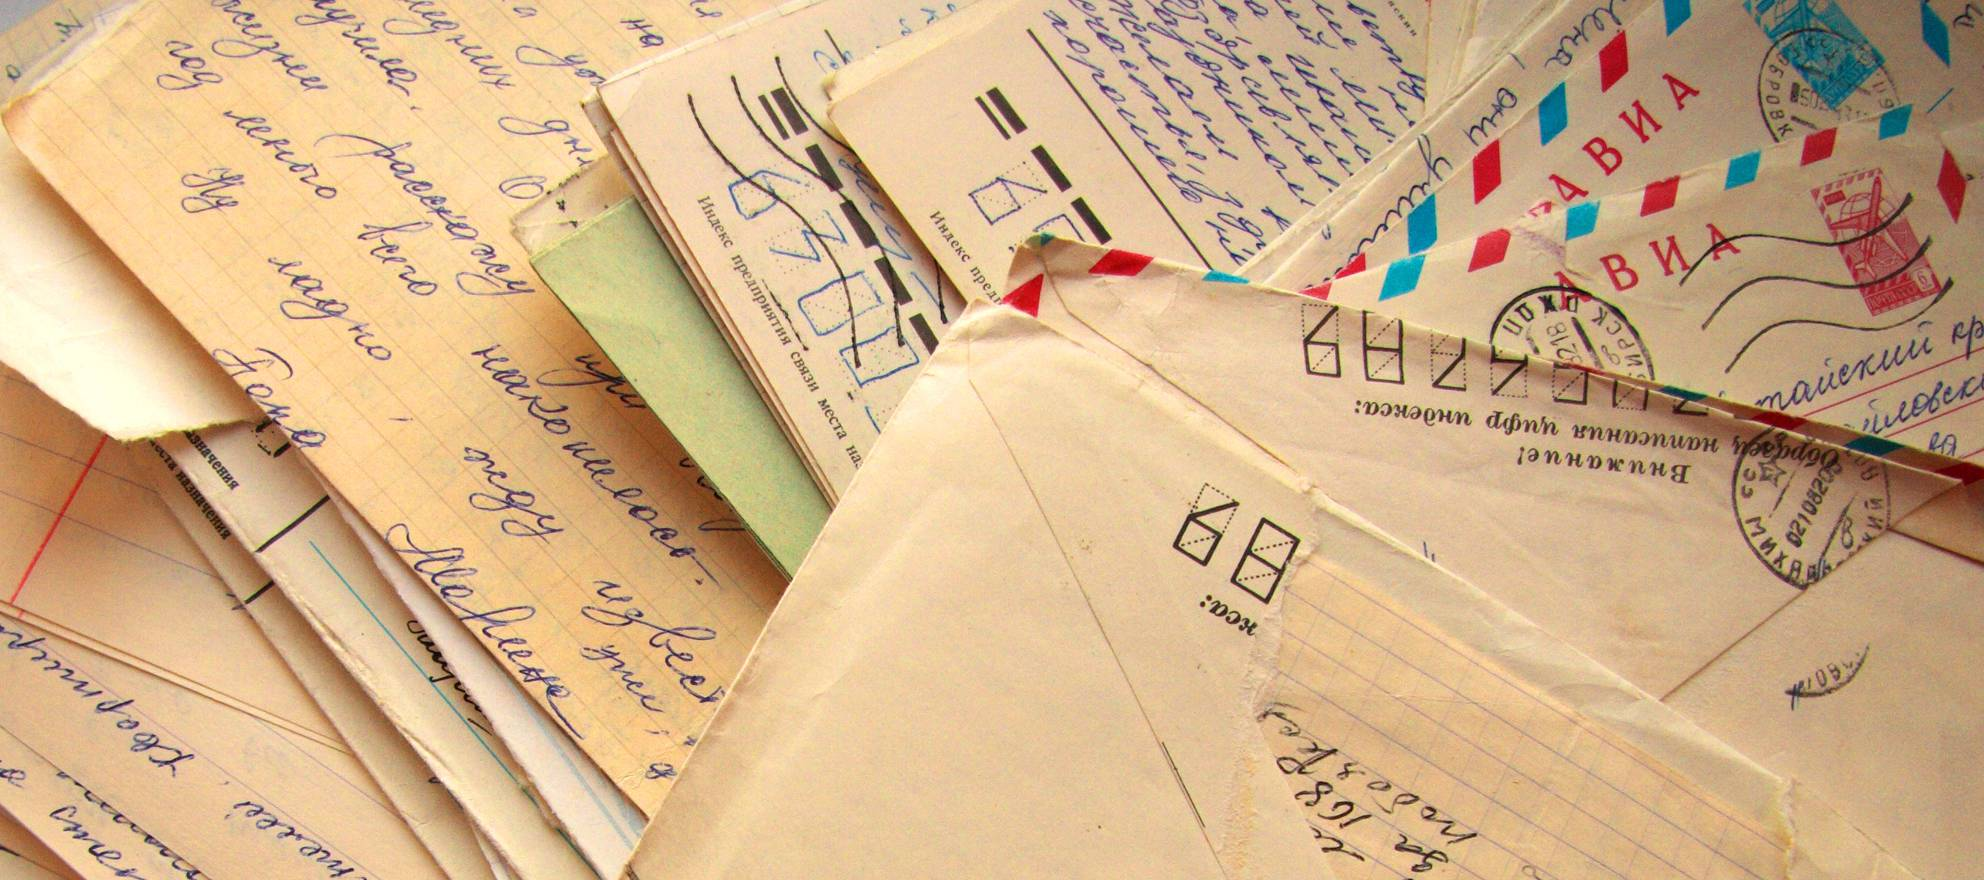 Letters from: real estate broker Cheryl Spangler